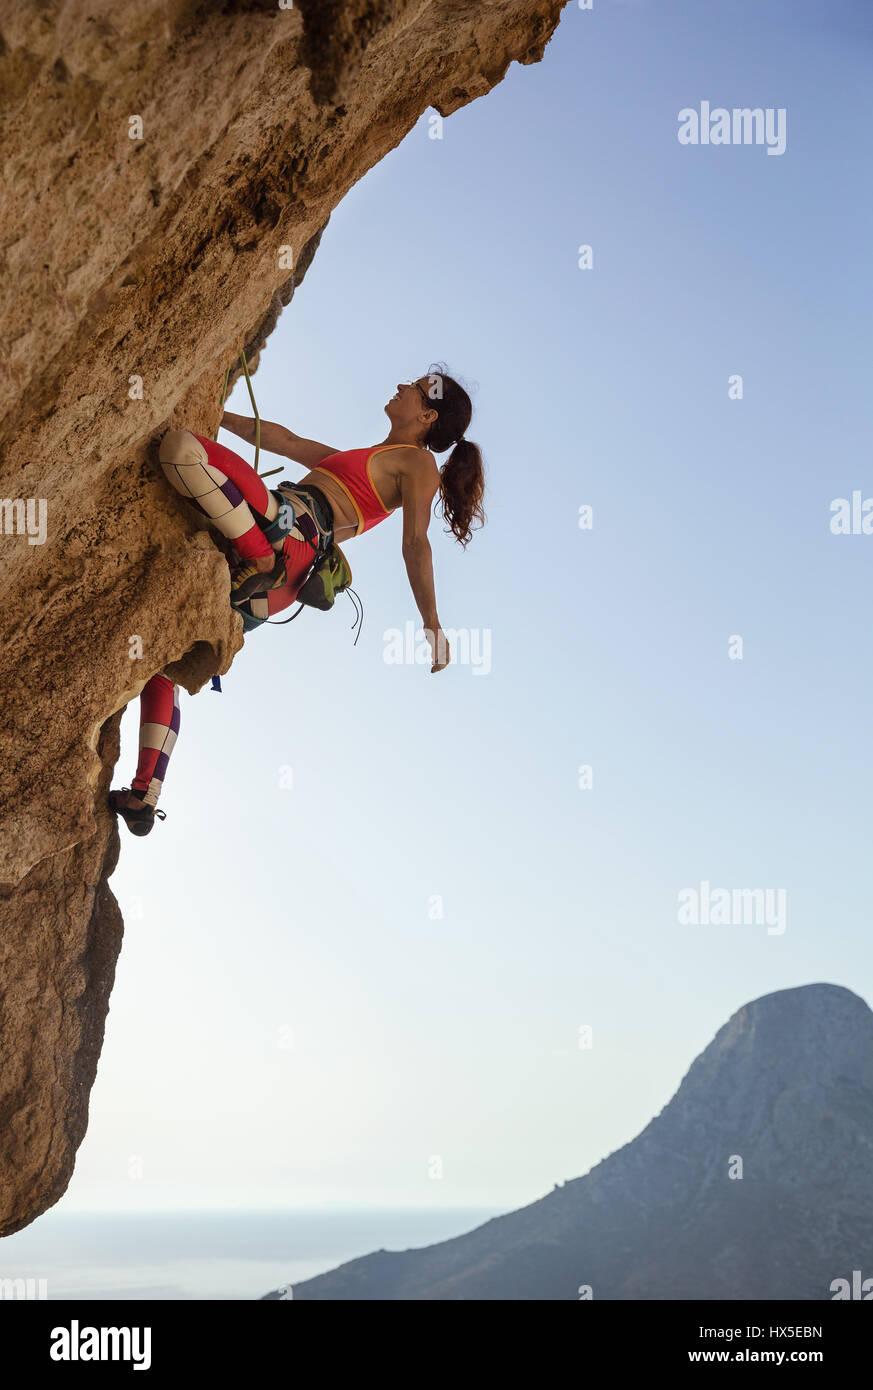 Femmina di rocciatore guardando il difficile percorso sulla scogliera e sorridente Immagini Stock